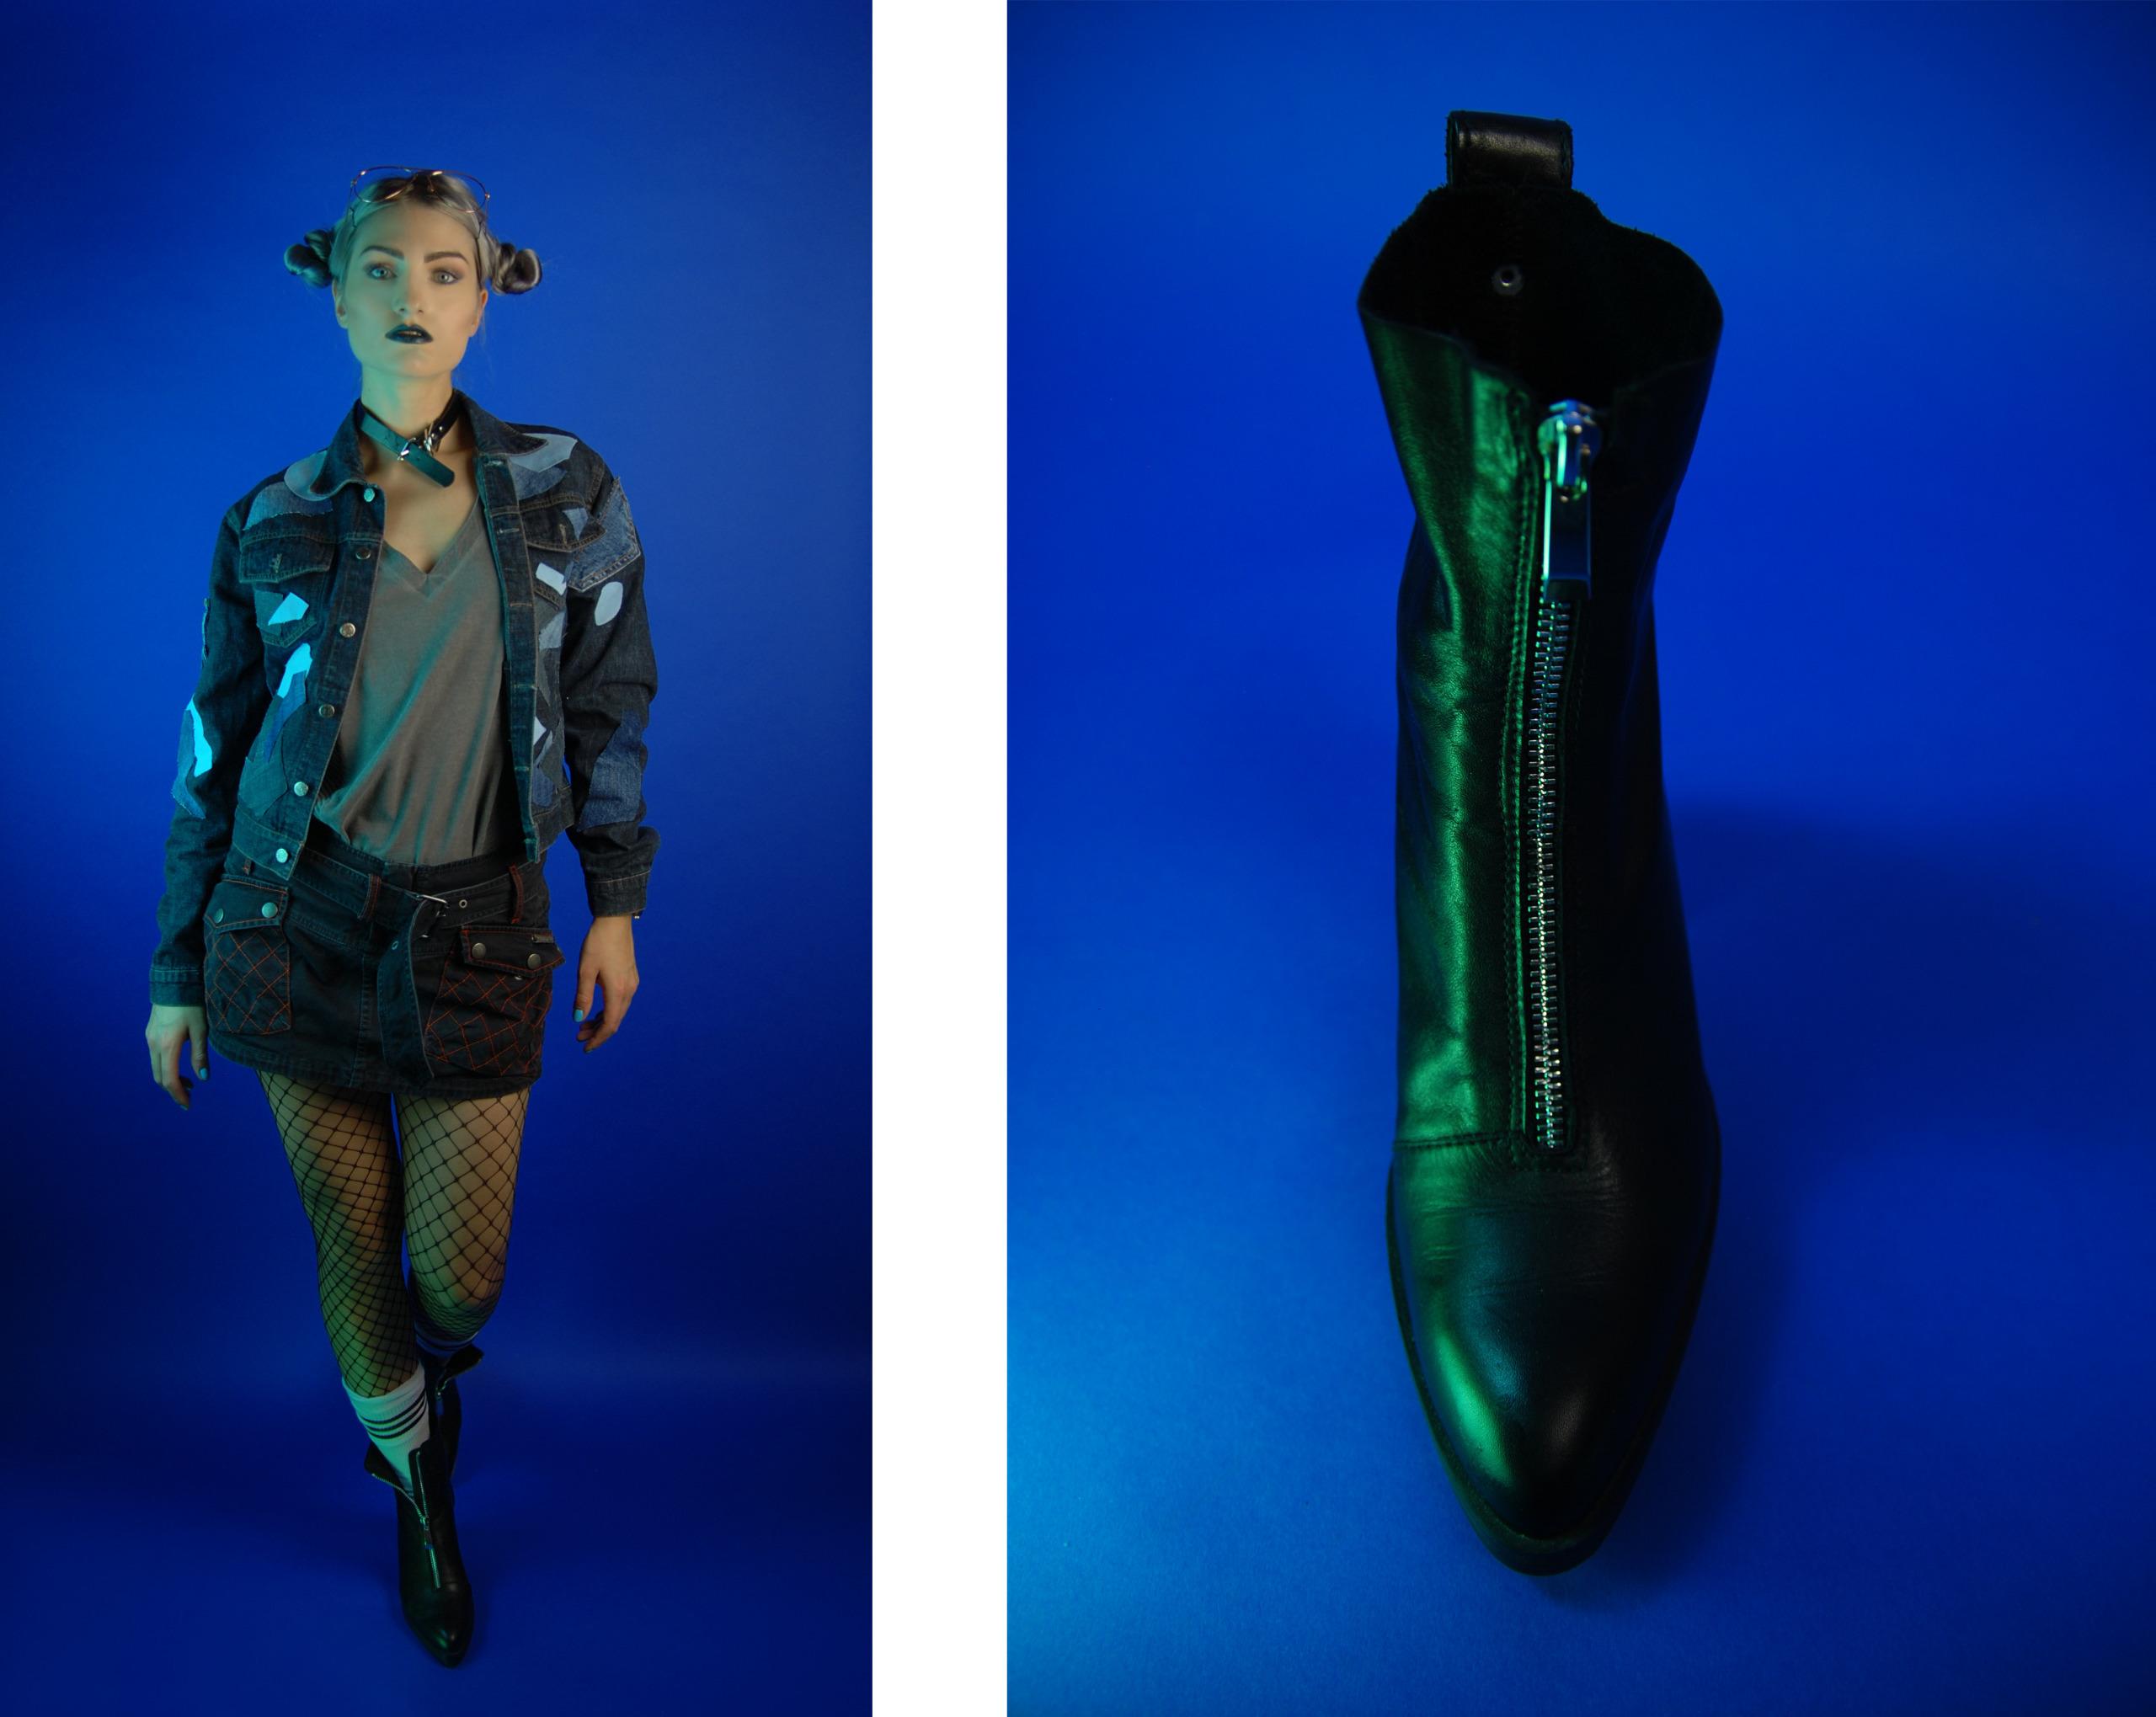 Obraz przedstawia dwa zdjęcia, po lewej stronie widzimy kobietę w krótkiej spódniczce i kurtce na niebieskim tle, po prawej stronie widzimy zdjęcie czarnego buta na niebieskim tle.